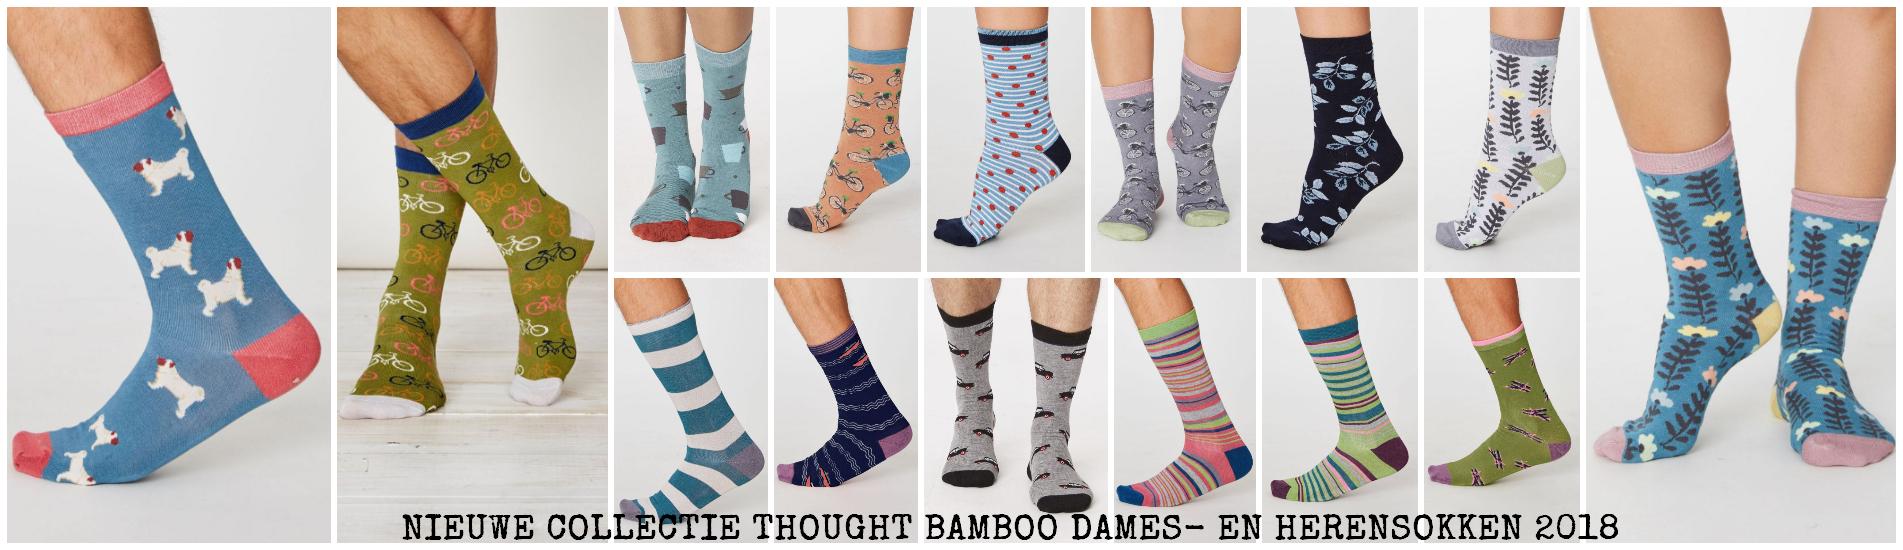 banner-thought-sokken